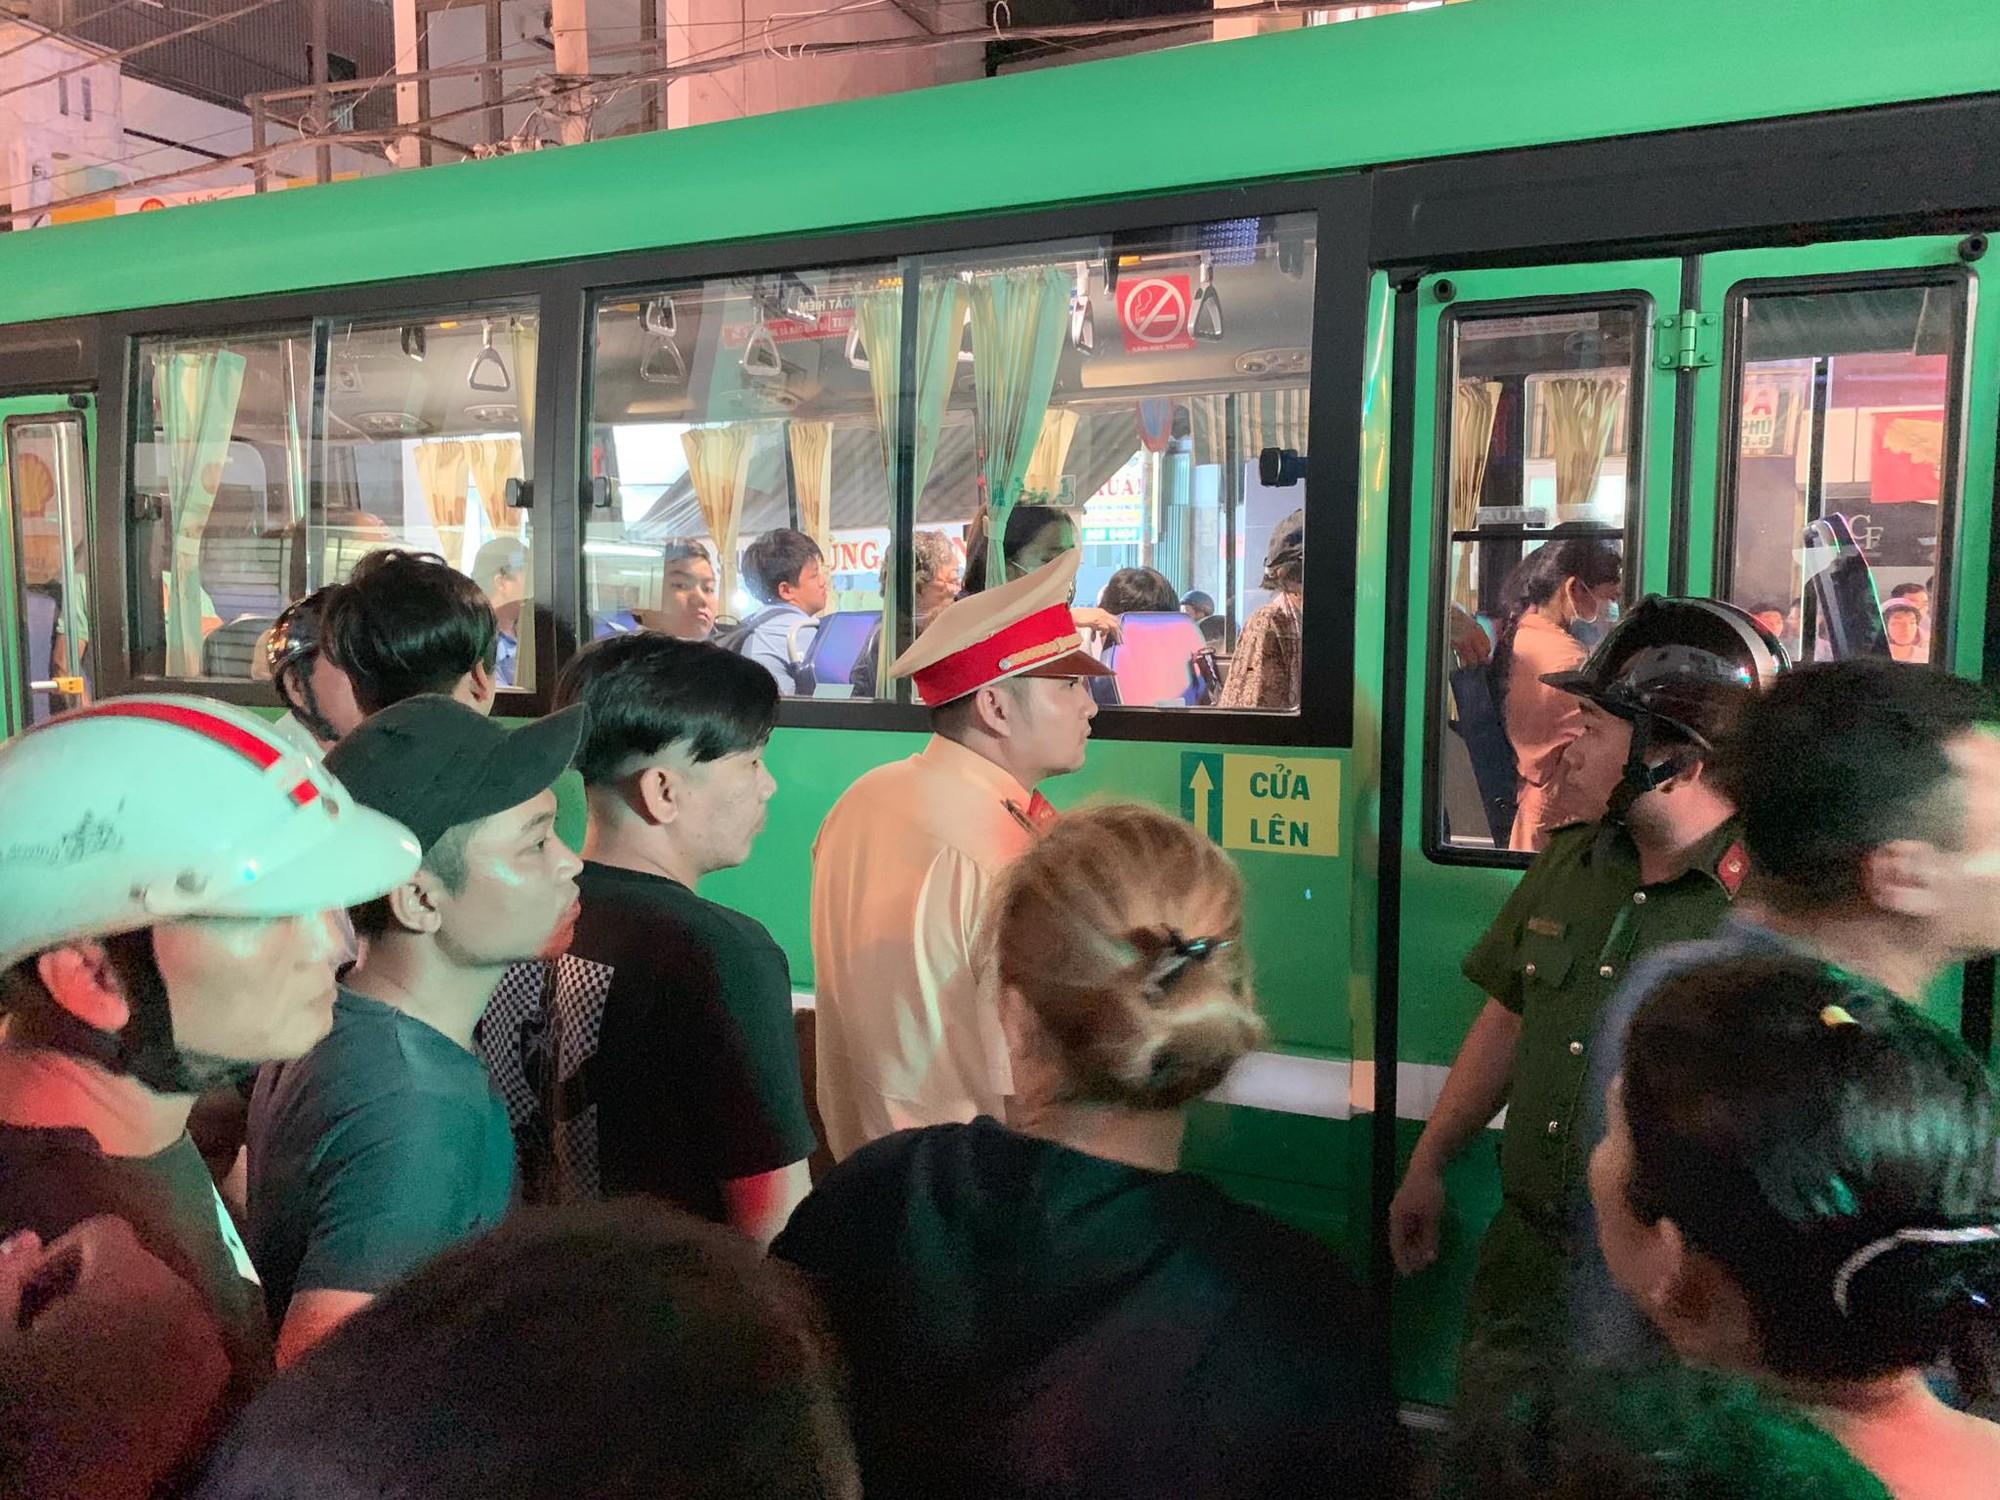 Va chạm giao thông, tiếp viên xe buýt dùng dao truy sát người đi xe máy ở Sài Gòn - Ảnh 1.